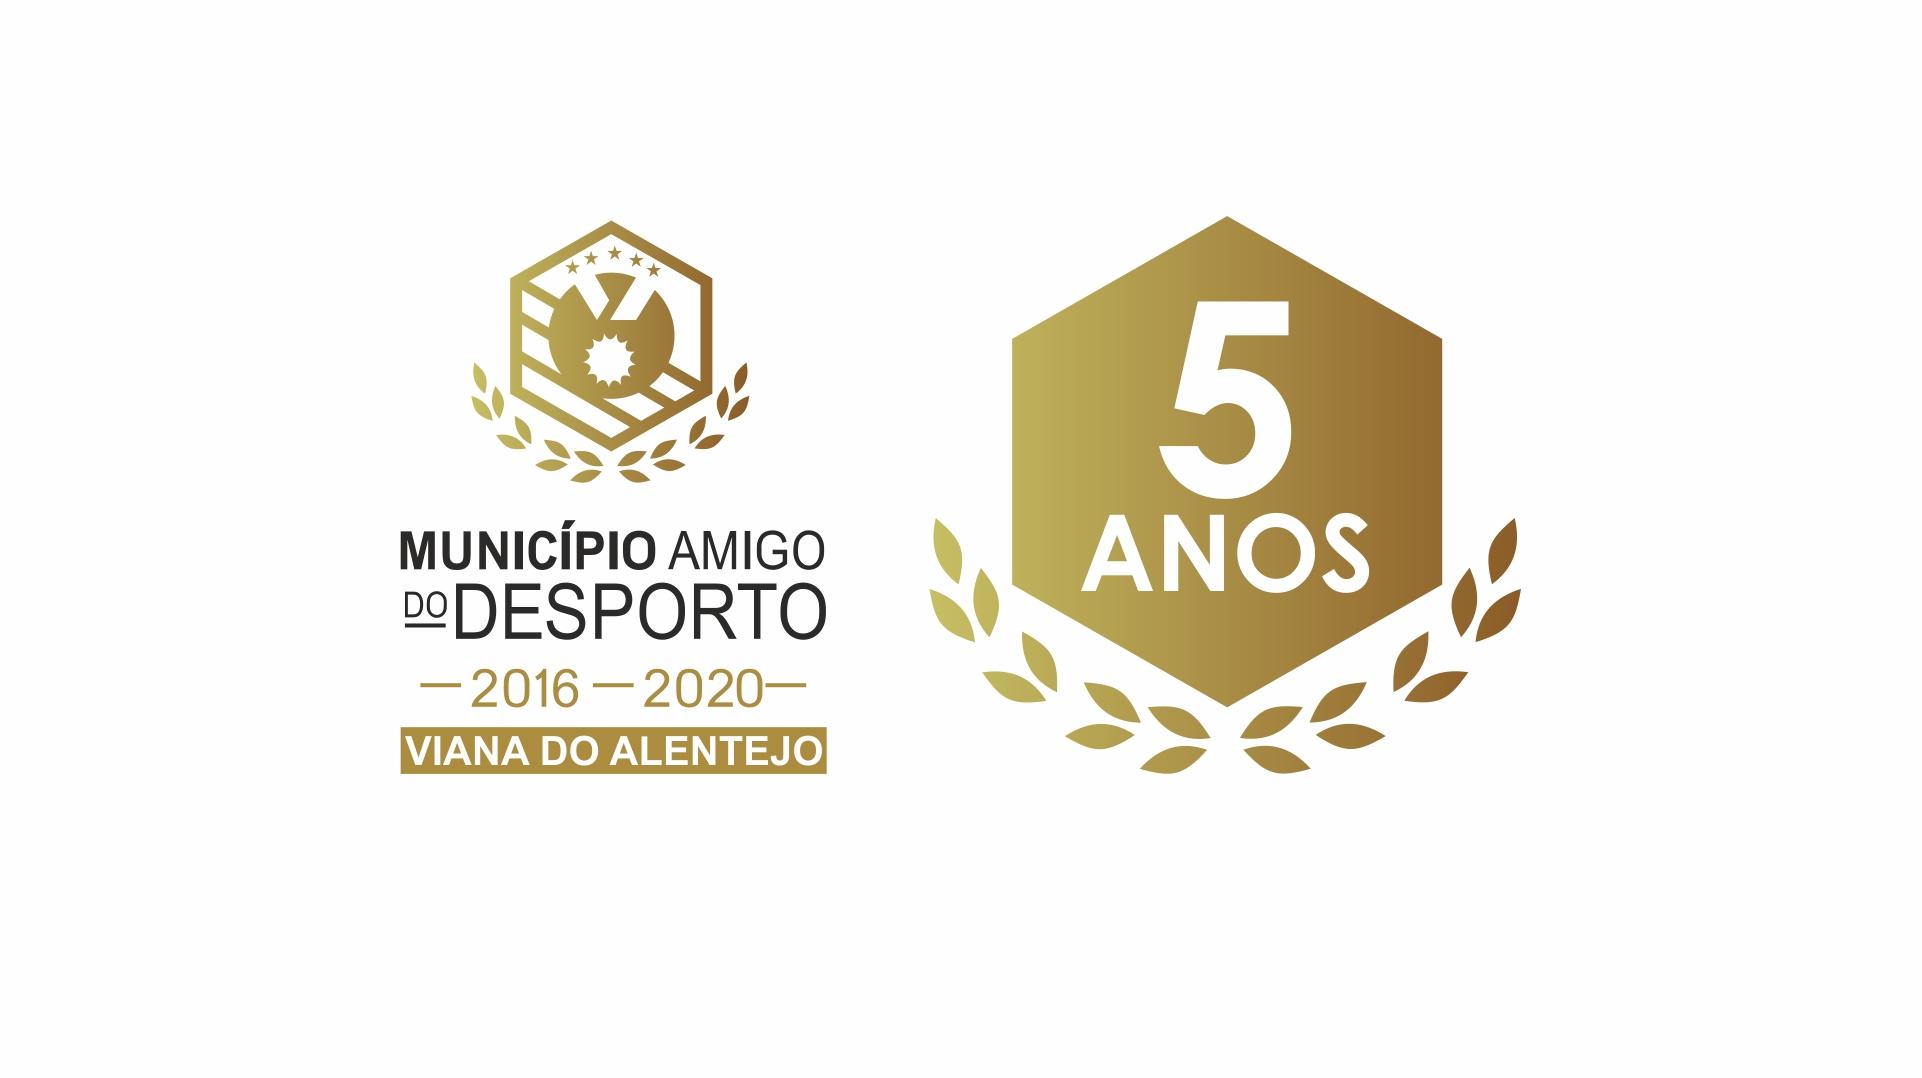 """Viana do Alentejo distinguido como """"Município Amigo do Desporto"""" pelo quinto ano consecutivo"""